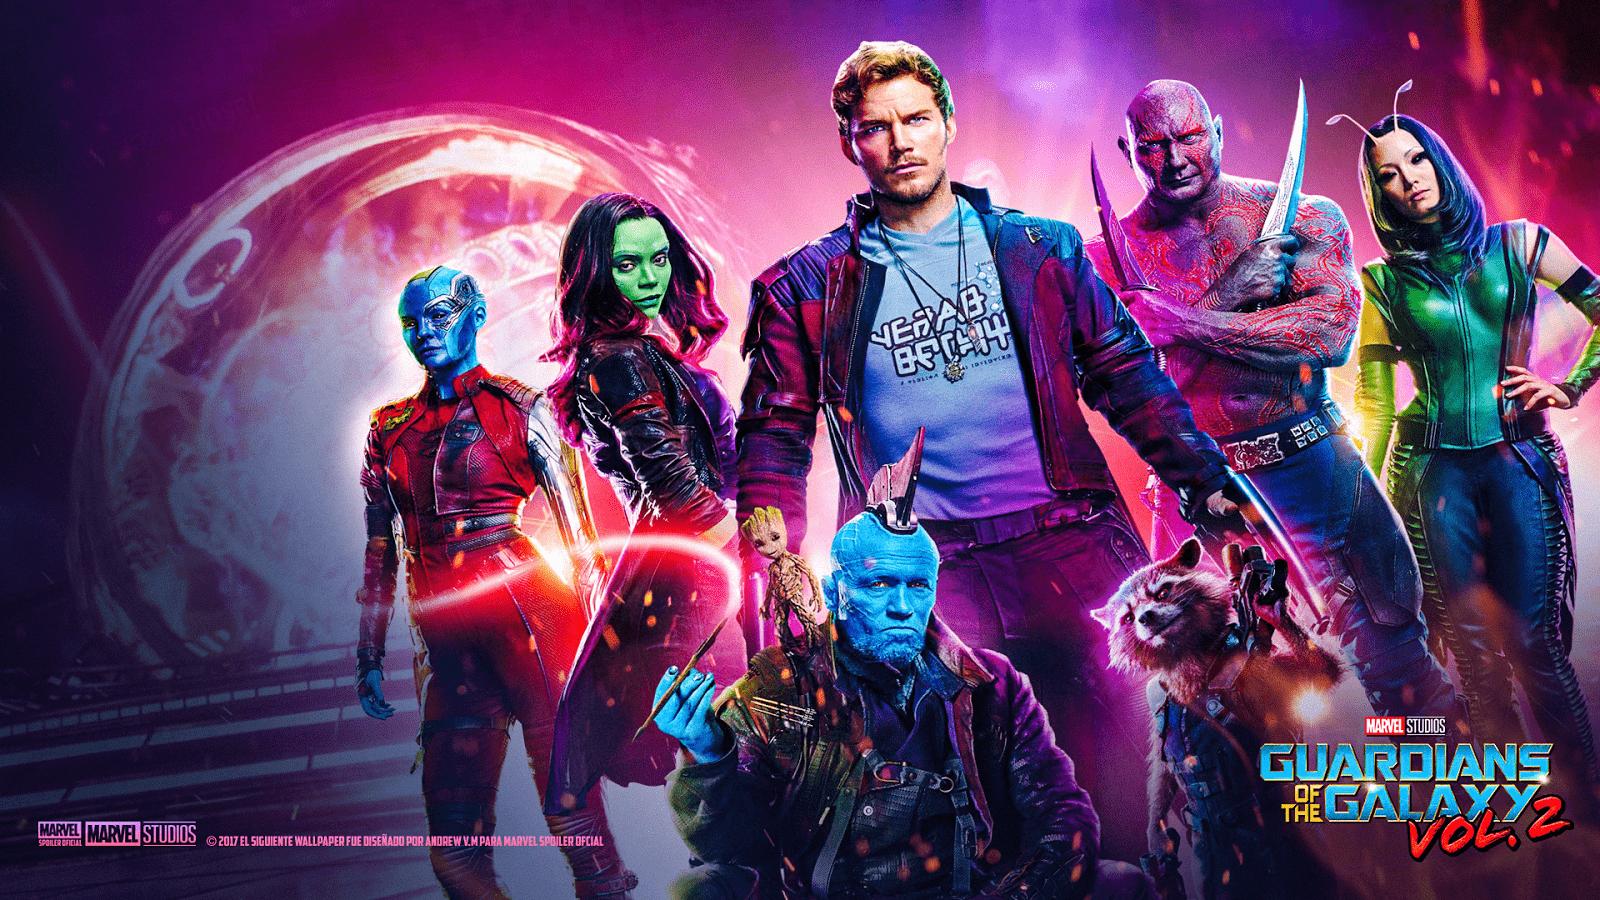 Les Gardiens de la Galaxie : Quand je me suis réconciliée avec Marvel